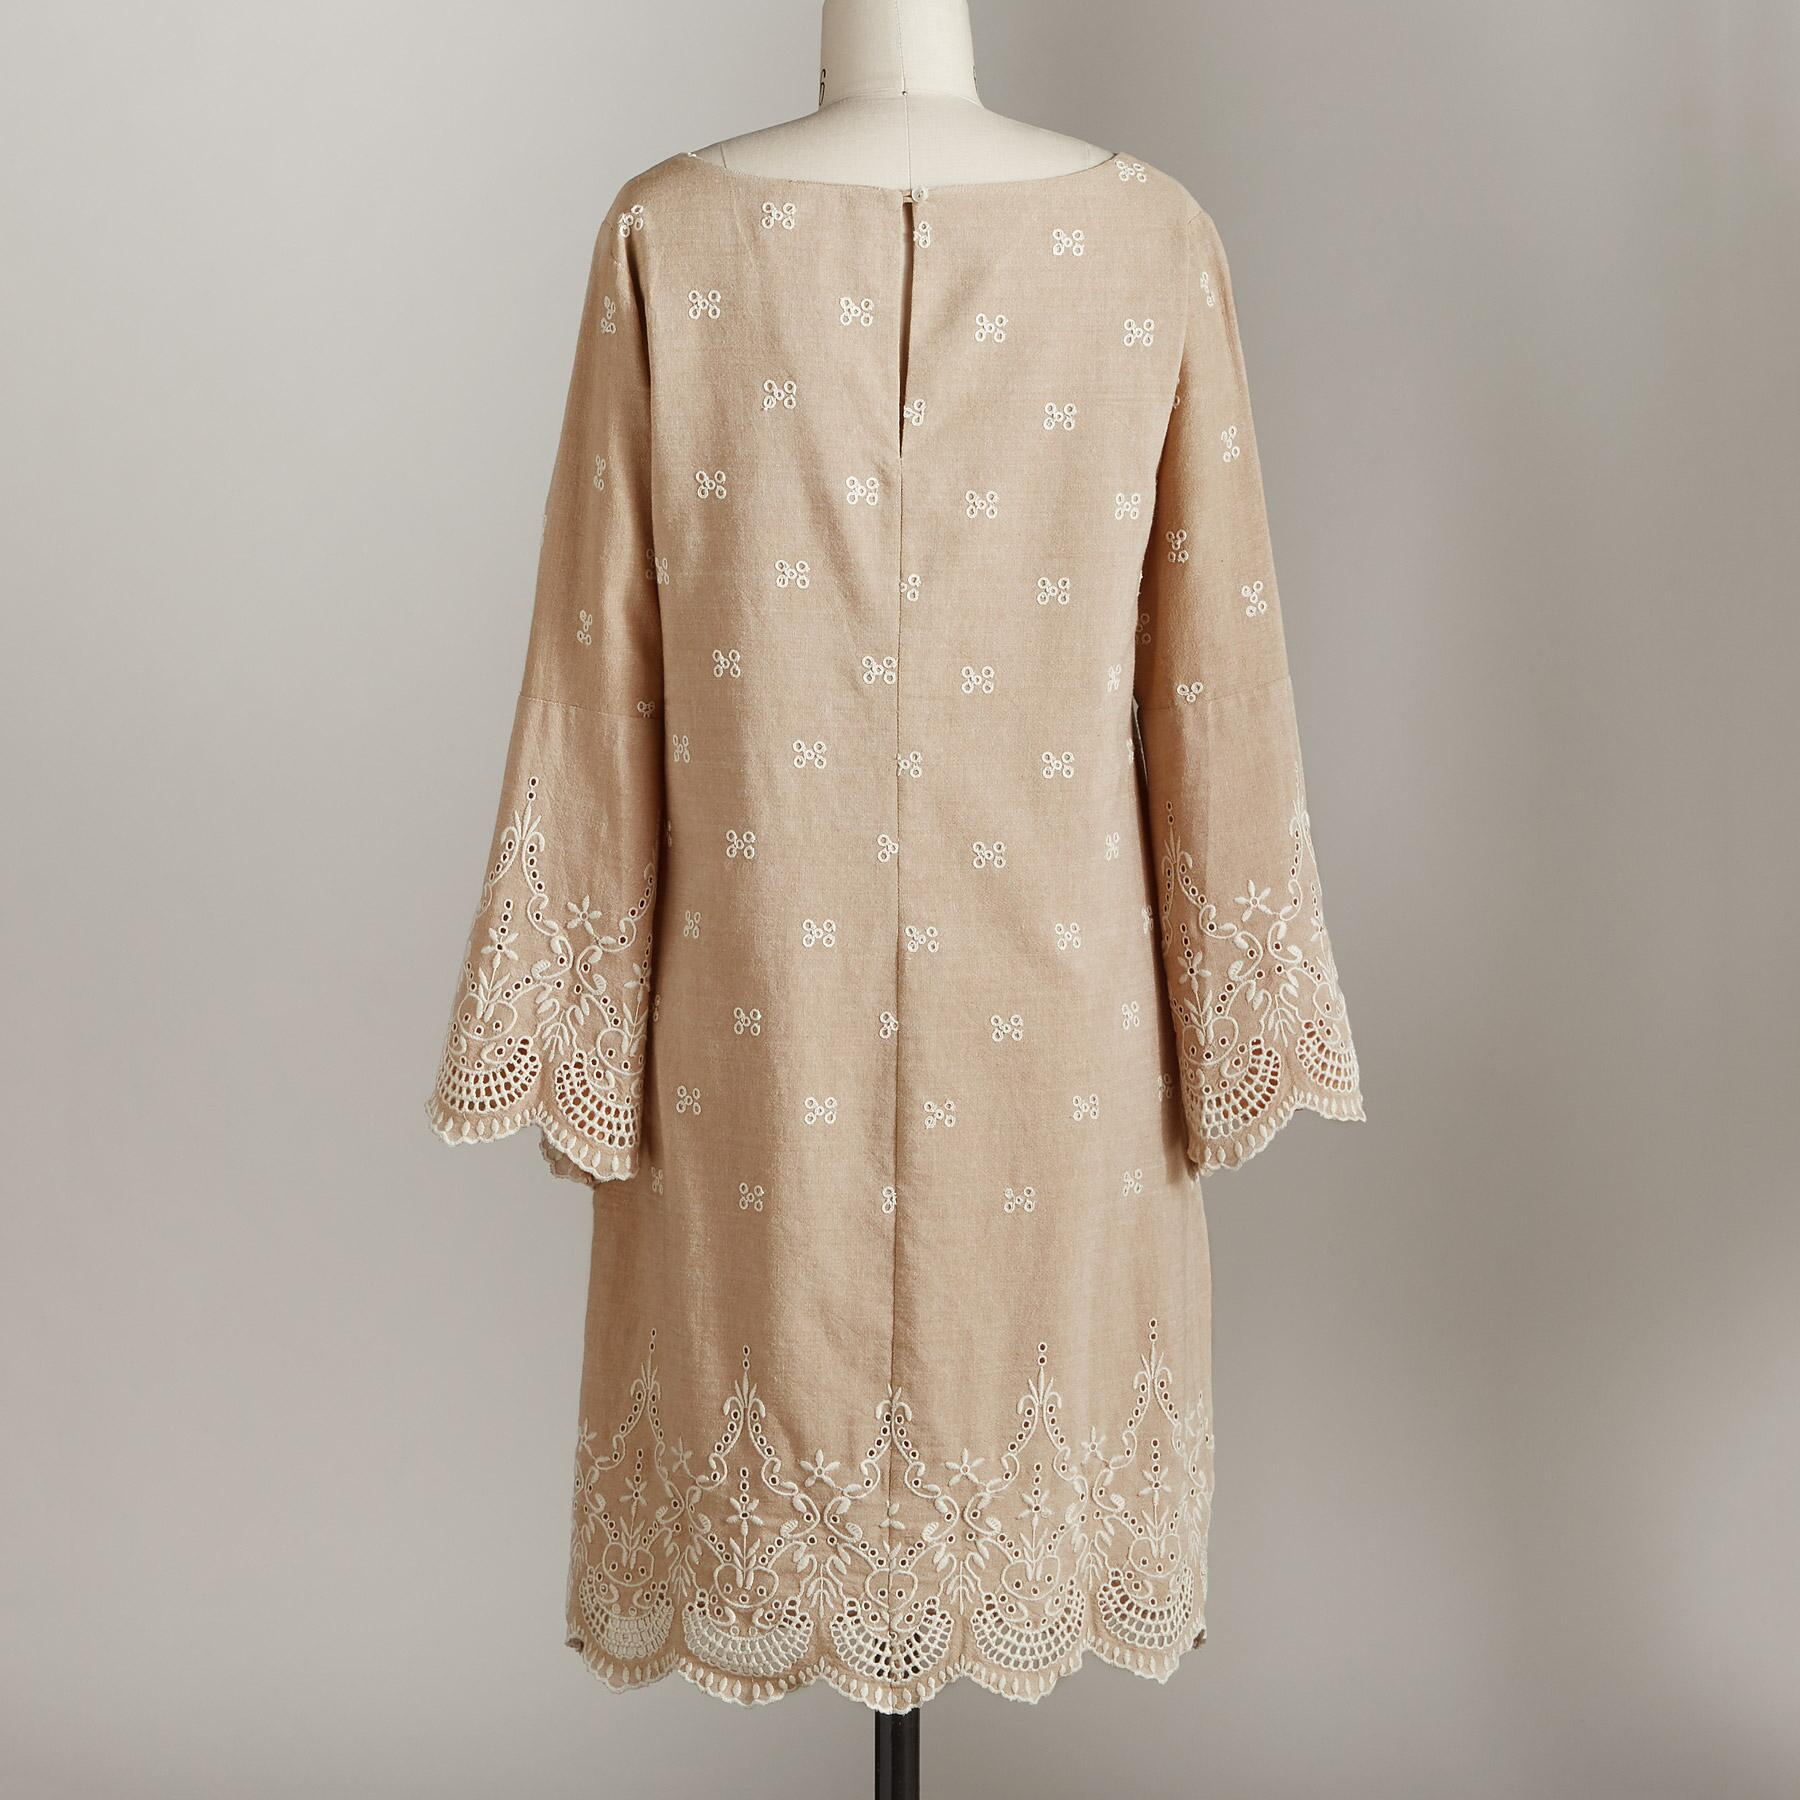 ROYAL BEAUTY DRESS PETITE: View 2